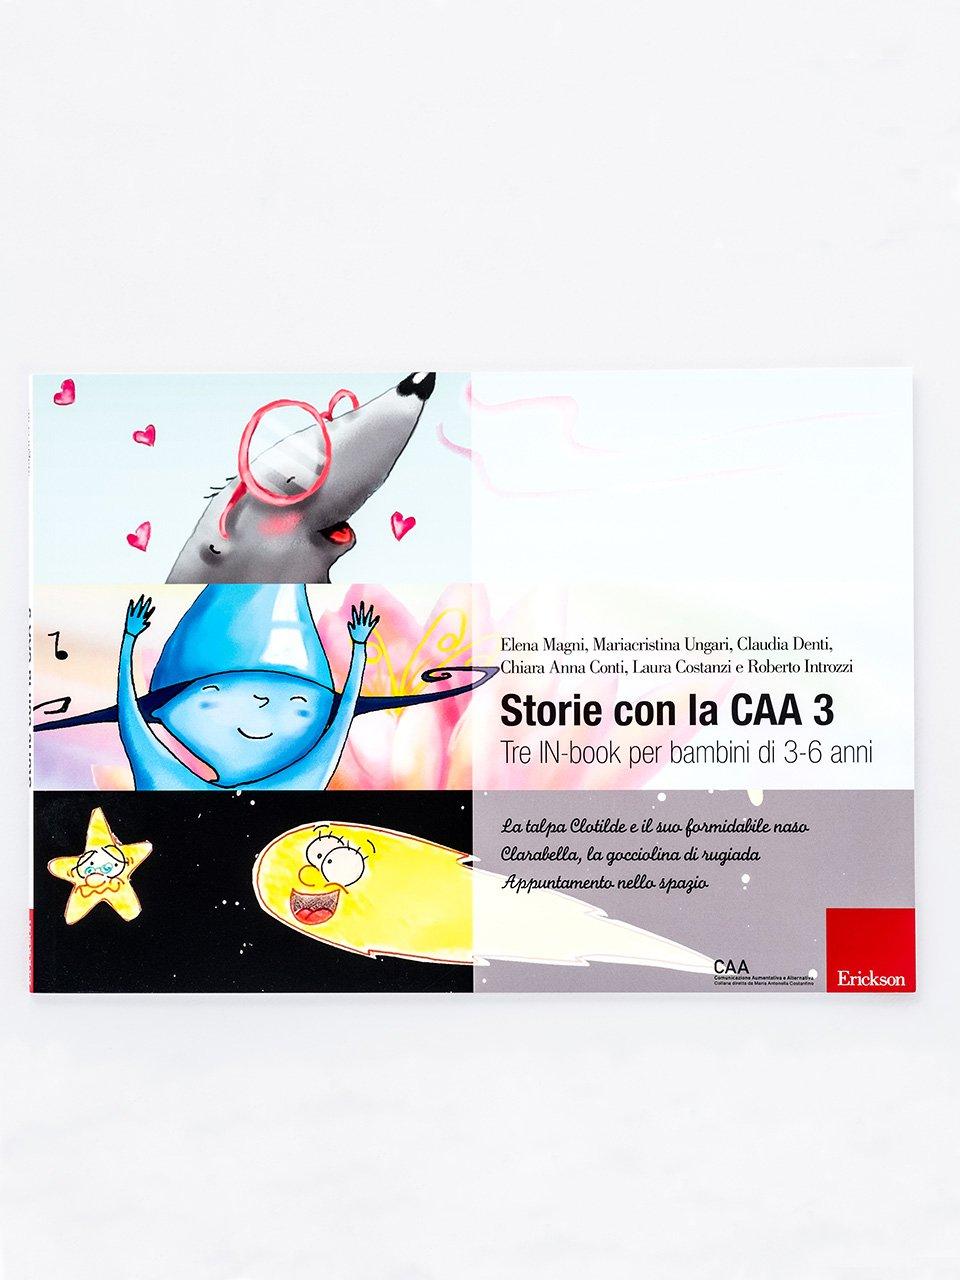 Storie con la CAA 3 - I Classici con la CAA - Pinocchio - Libri - Erickson